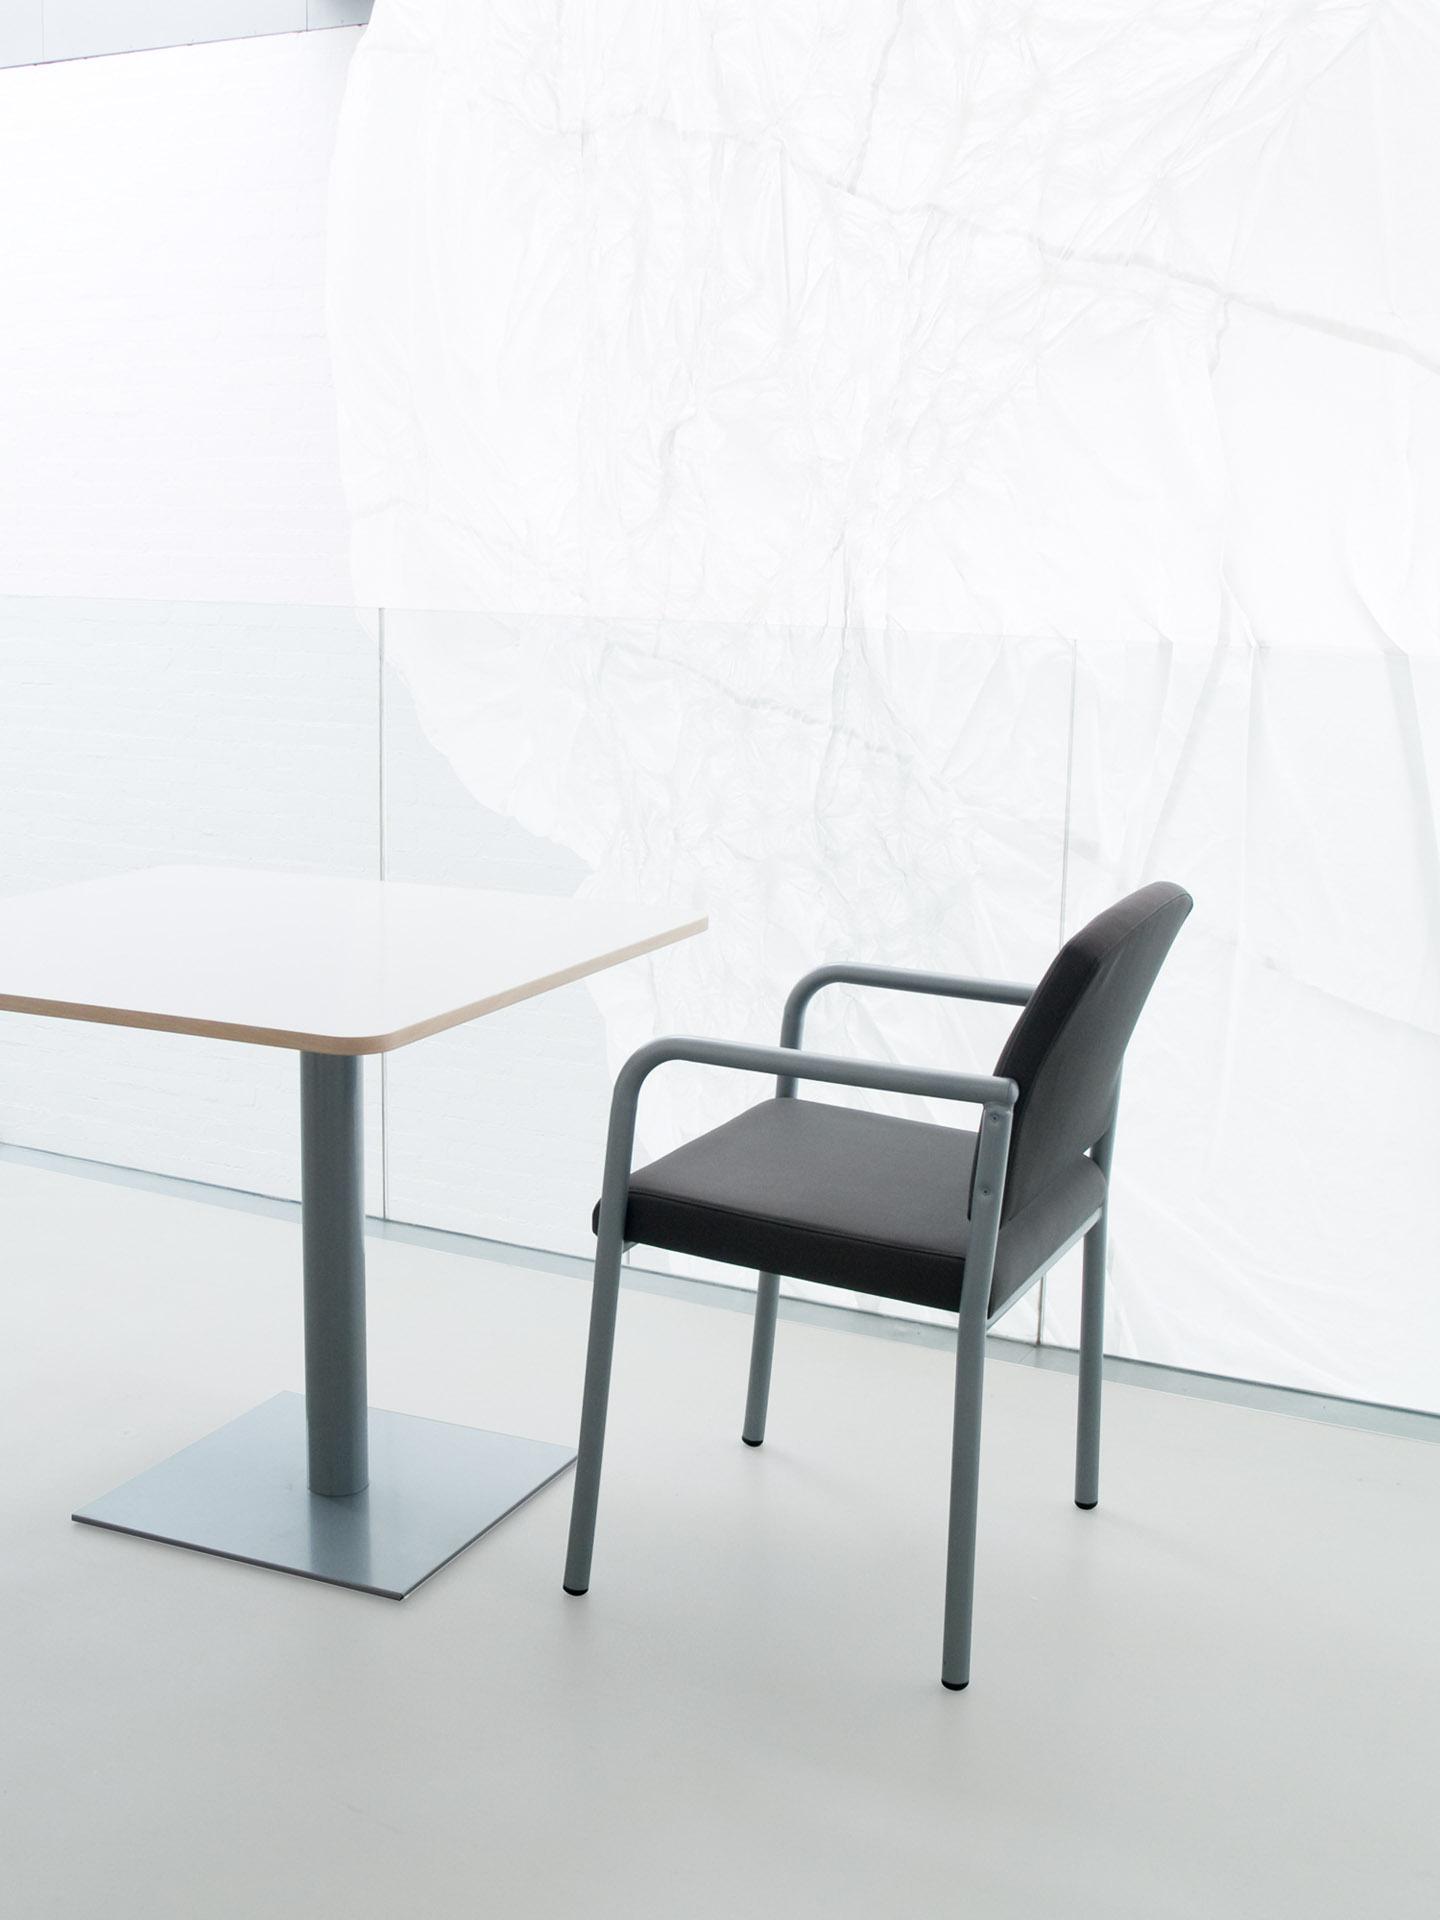 Colección LESTER de sillas y sillones con brazos de apoyo